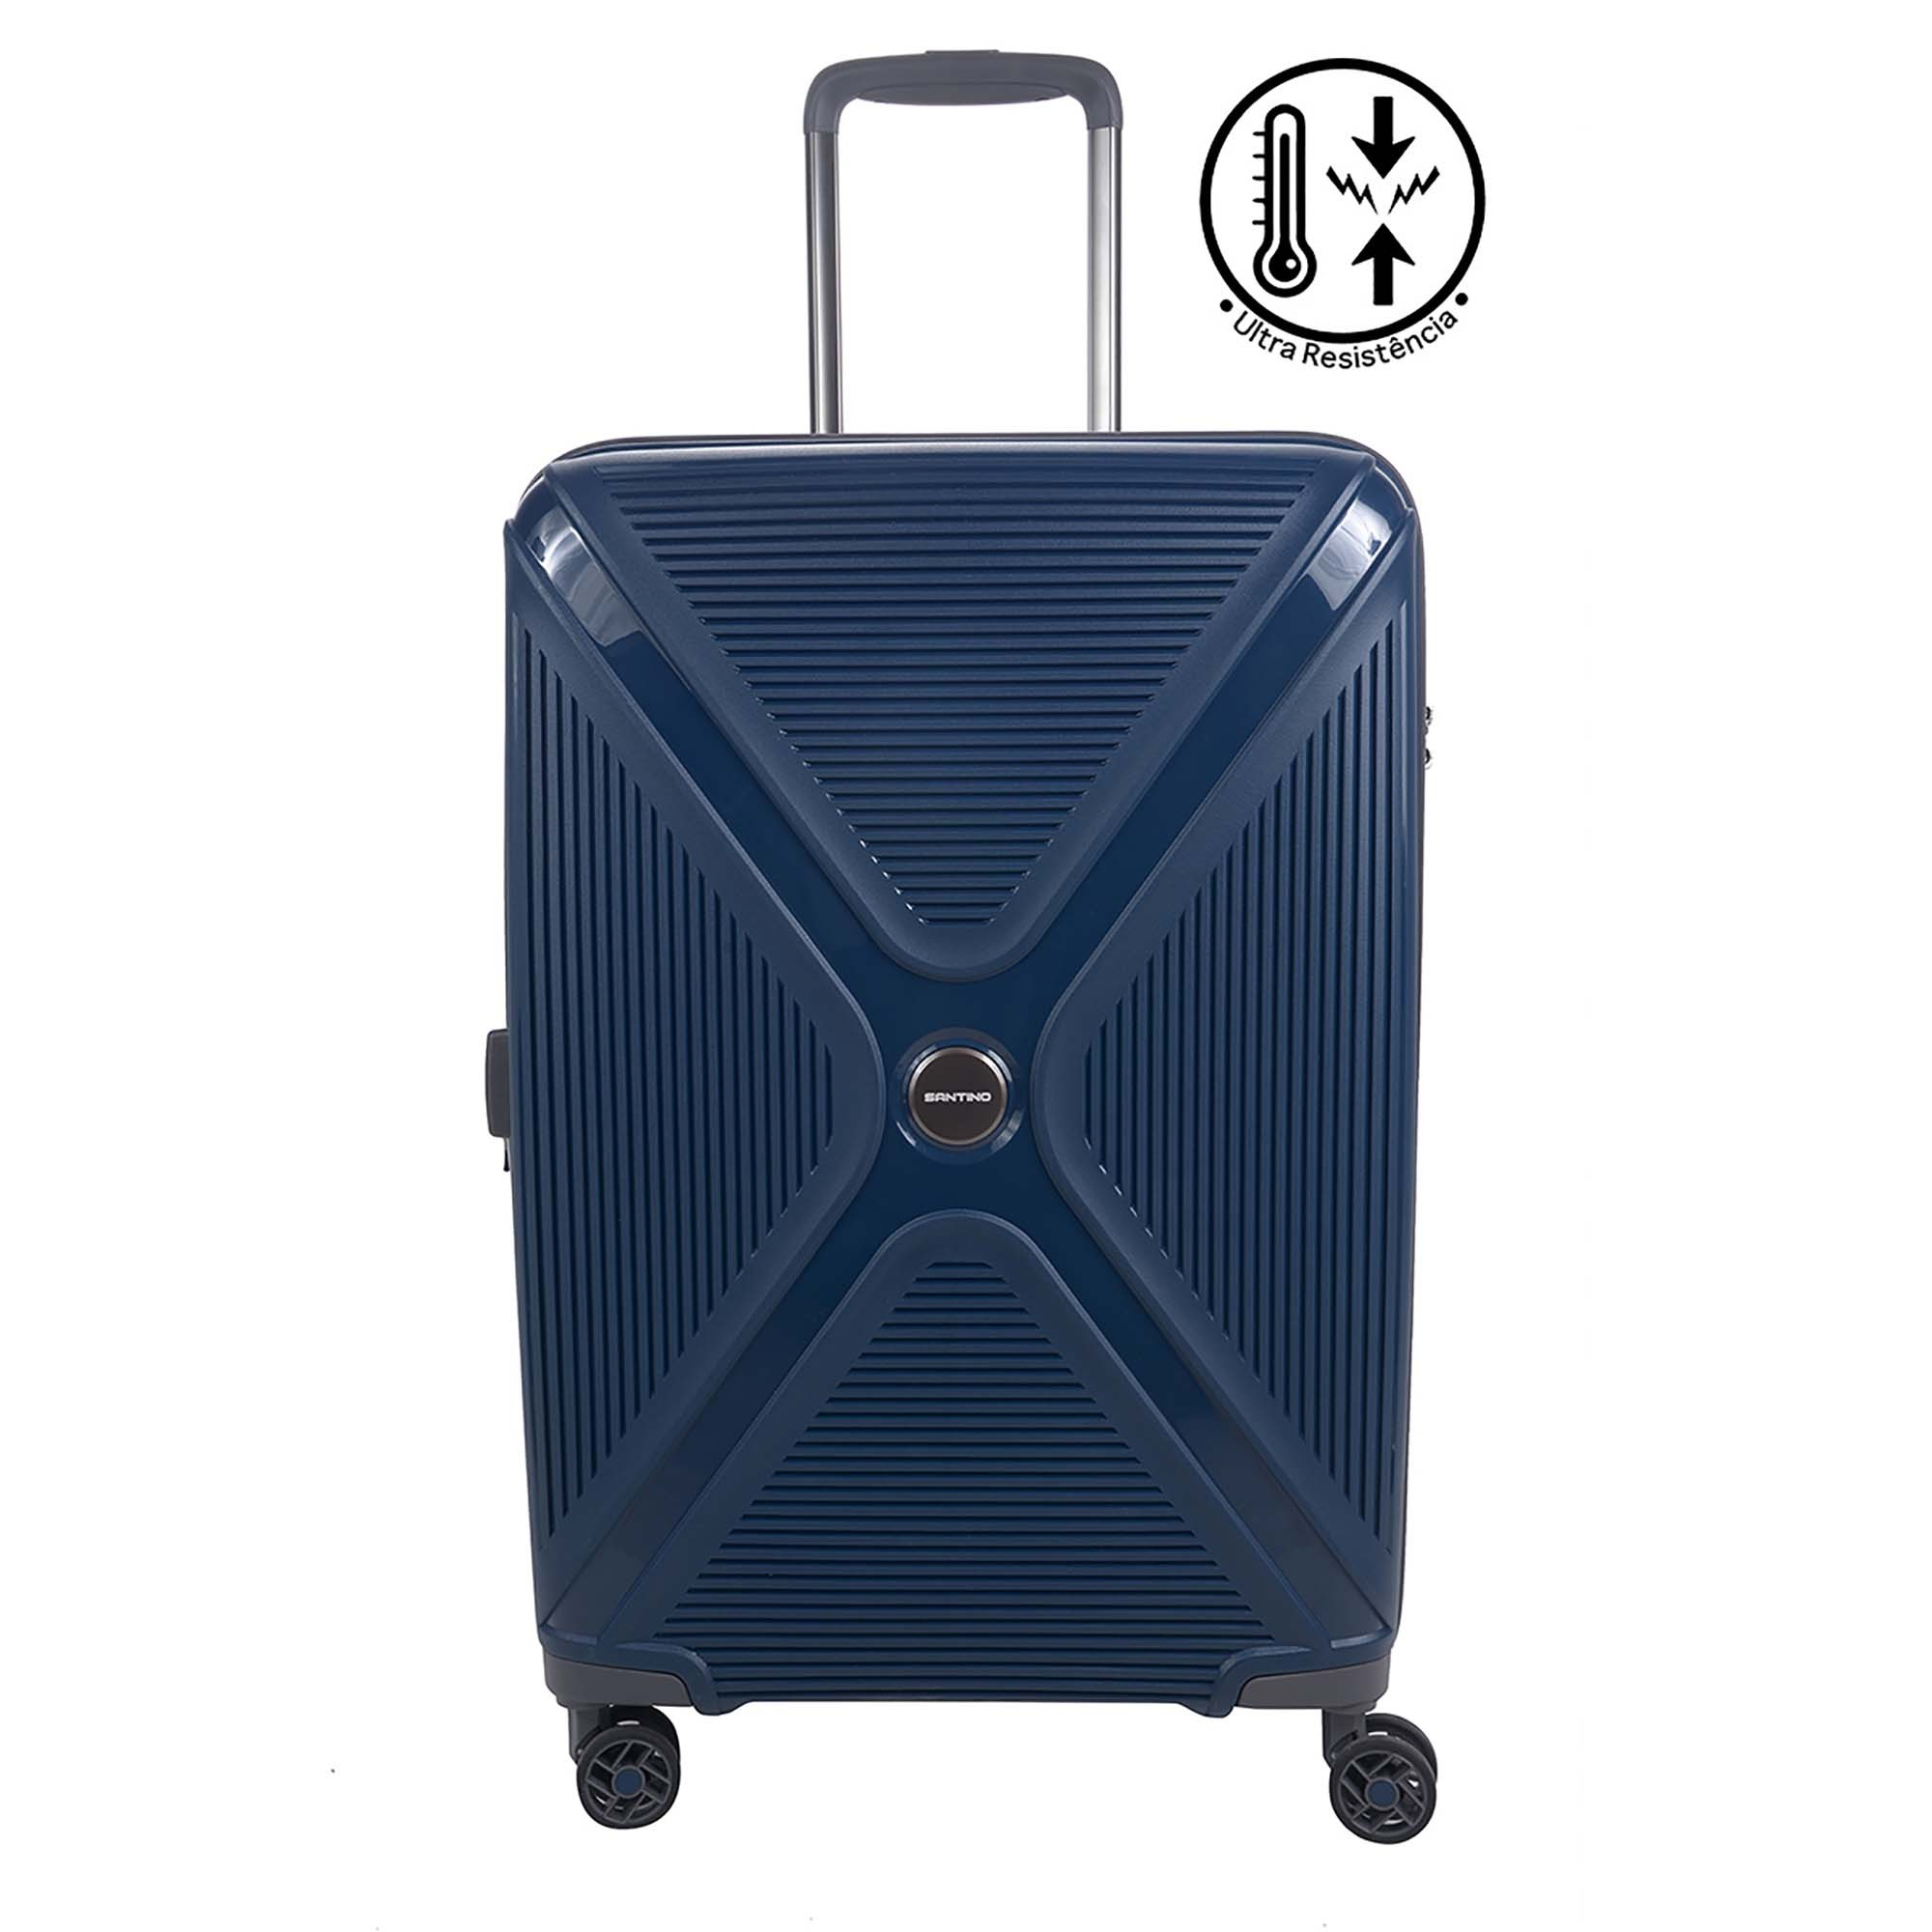 Mala Pequena de Bordo (10kg) para Viagem em Polipropileno Padrão Anac com Cadeado TSA - Zhuhai - Santino